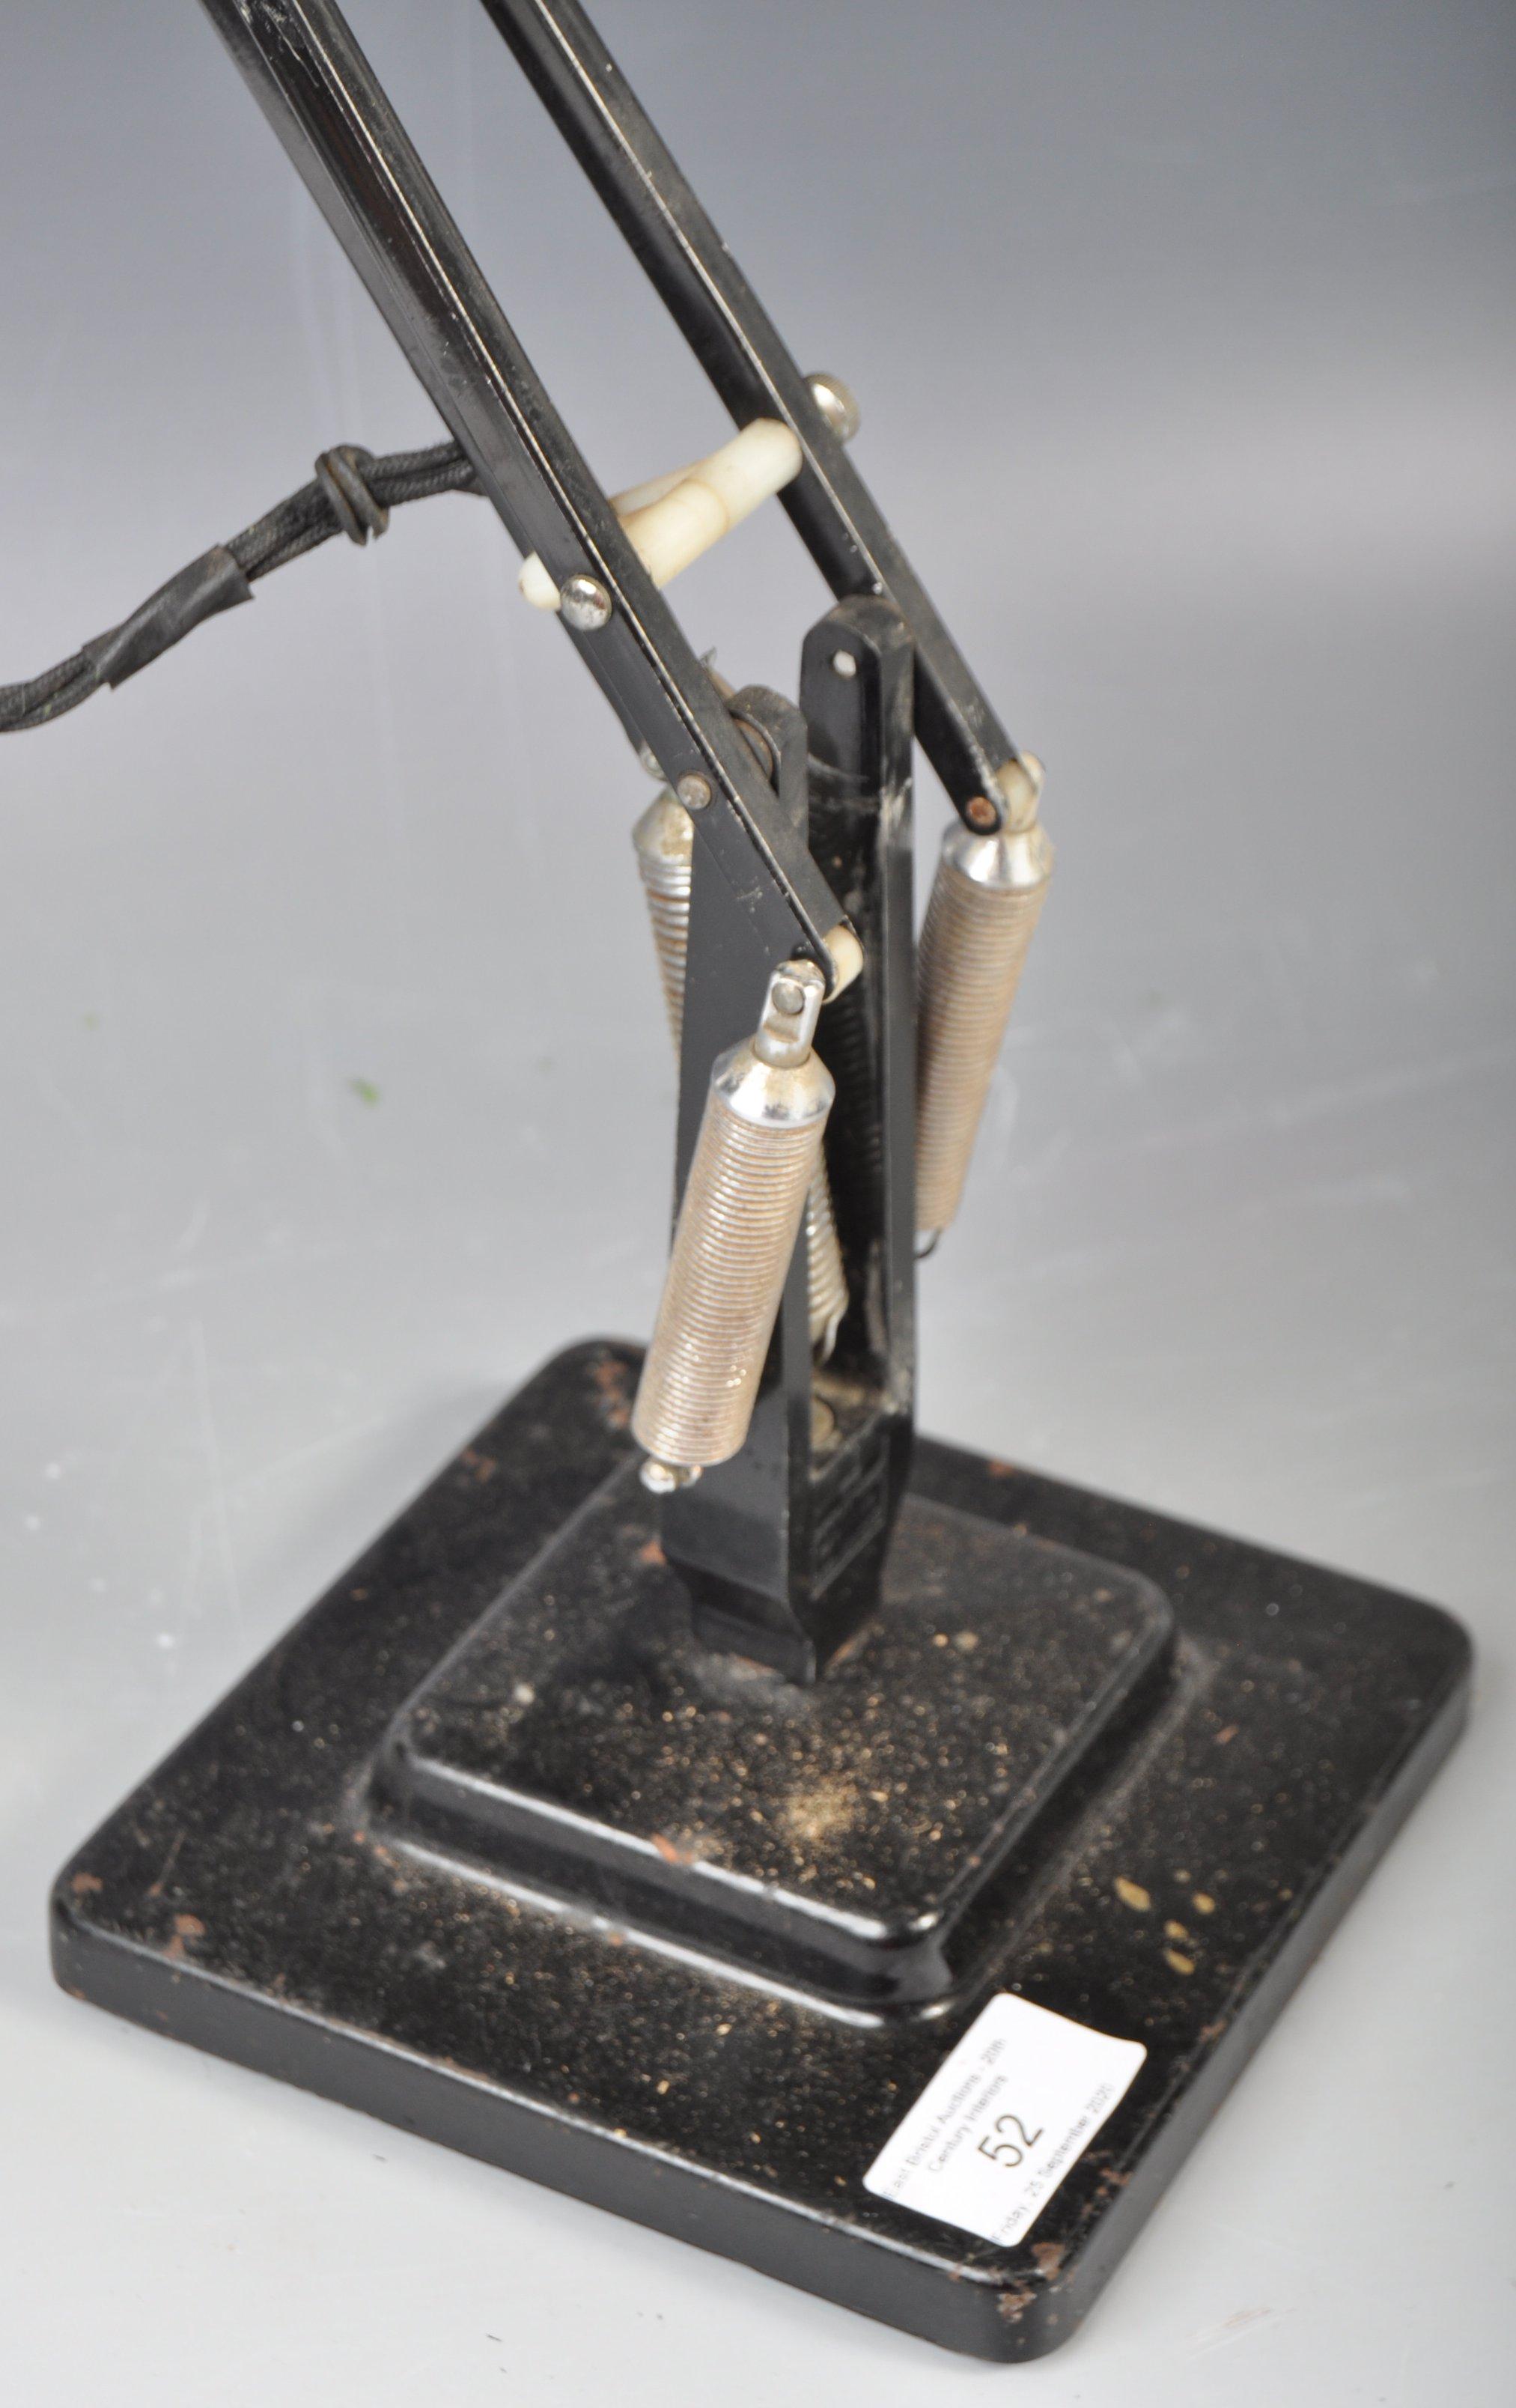 Lot 52 - HERBERT TERRY STEPPED ANGLEPOISE LAMP MODEL 1227 IN BLACK